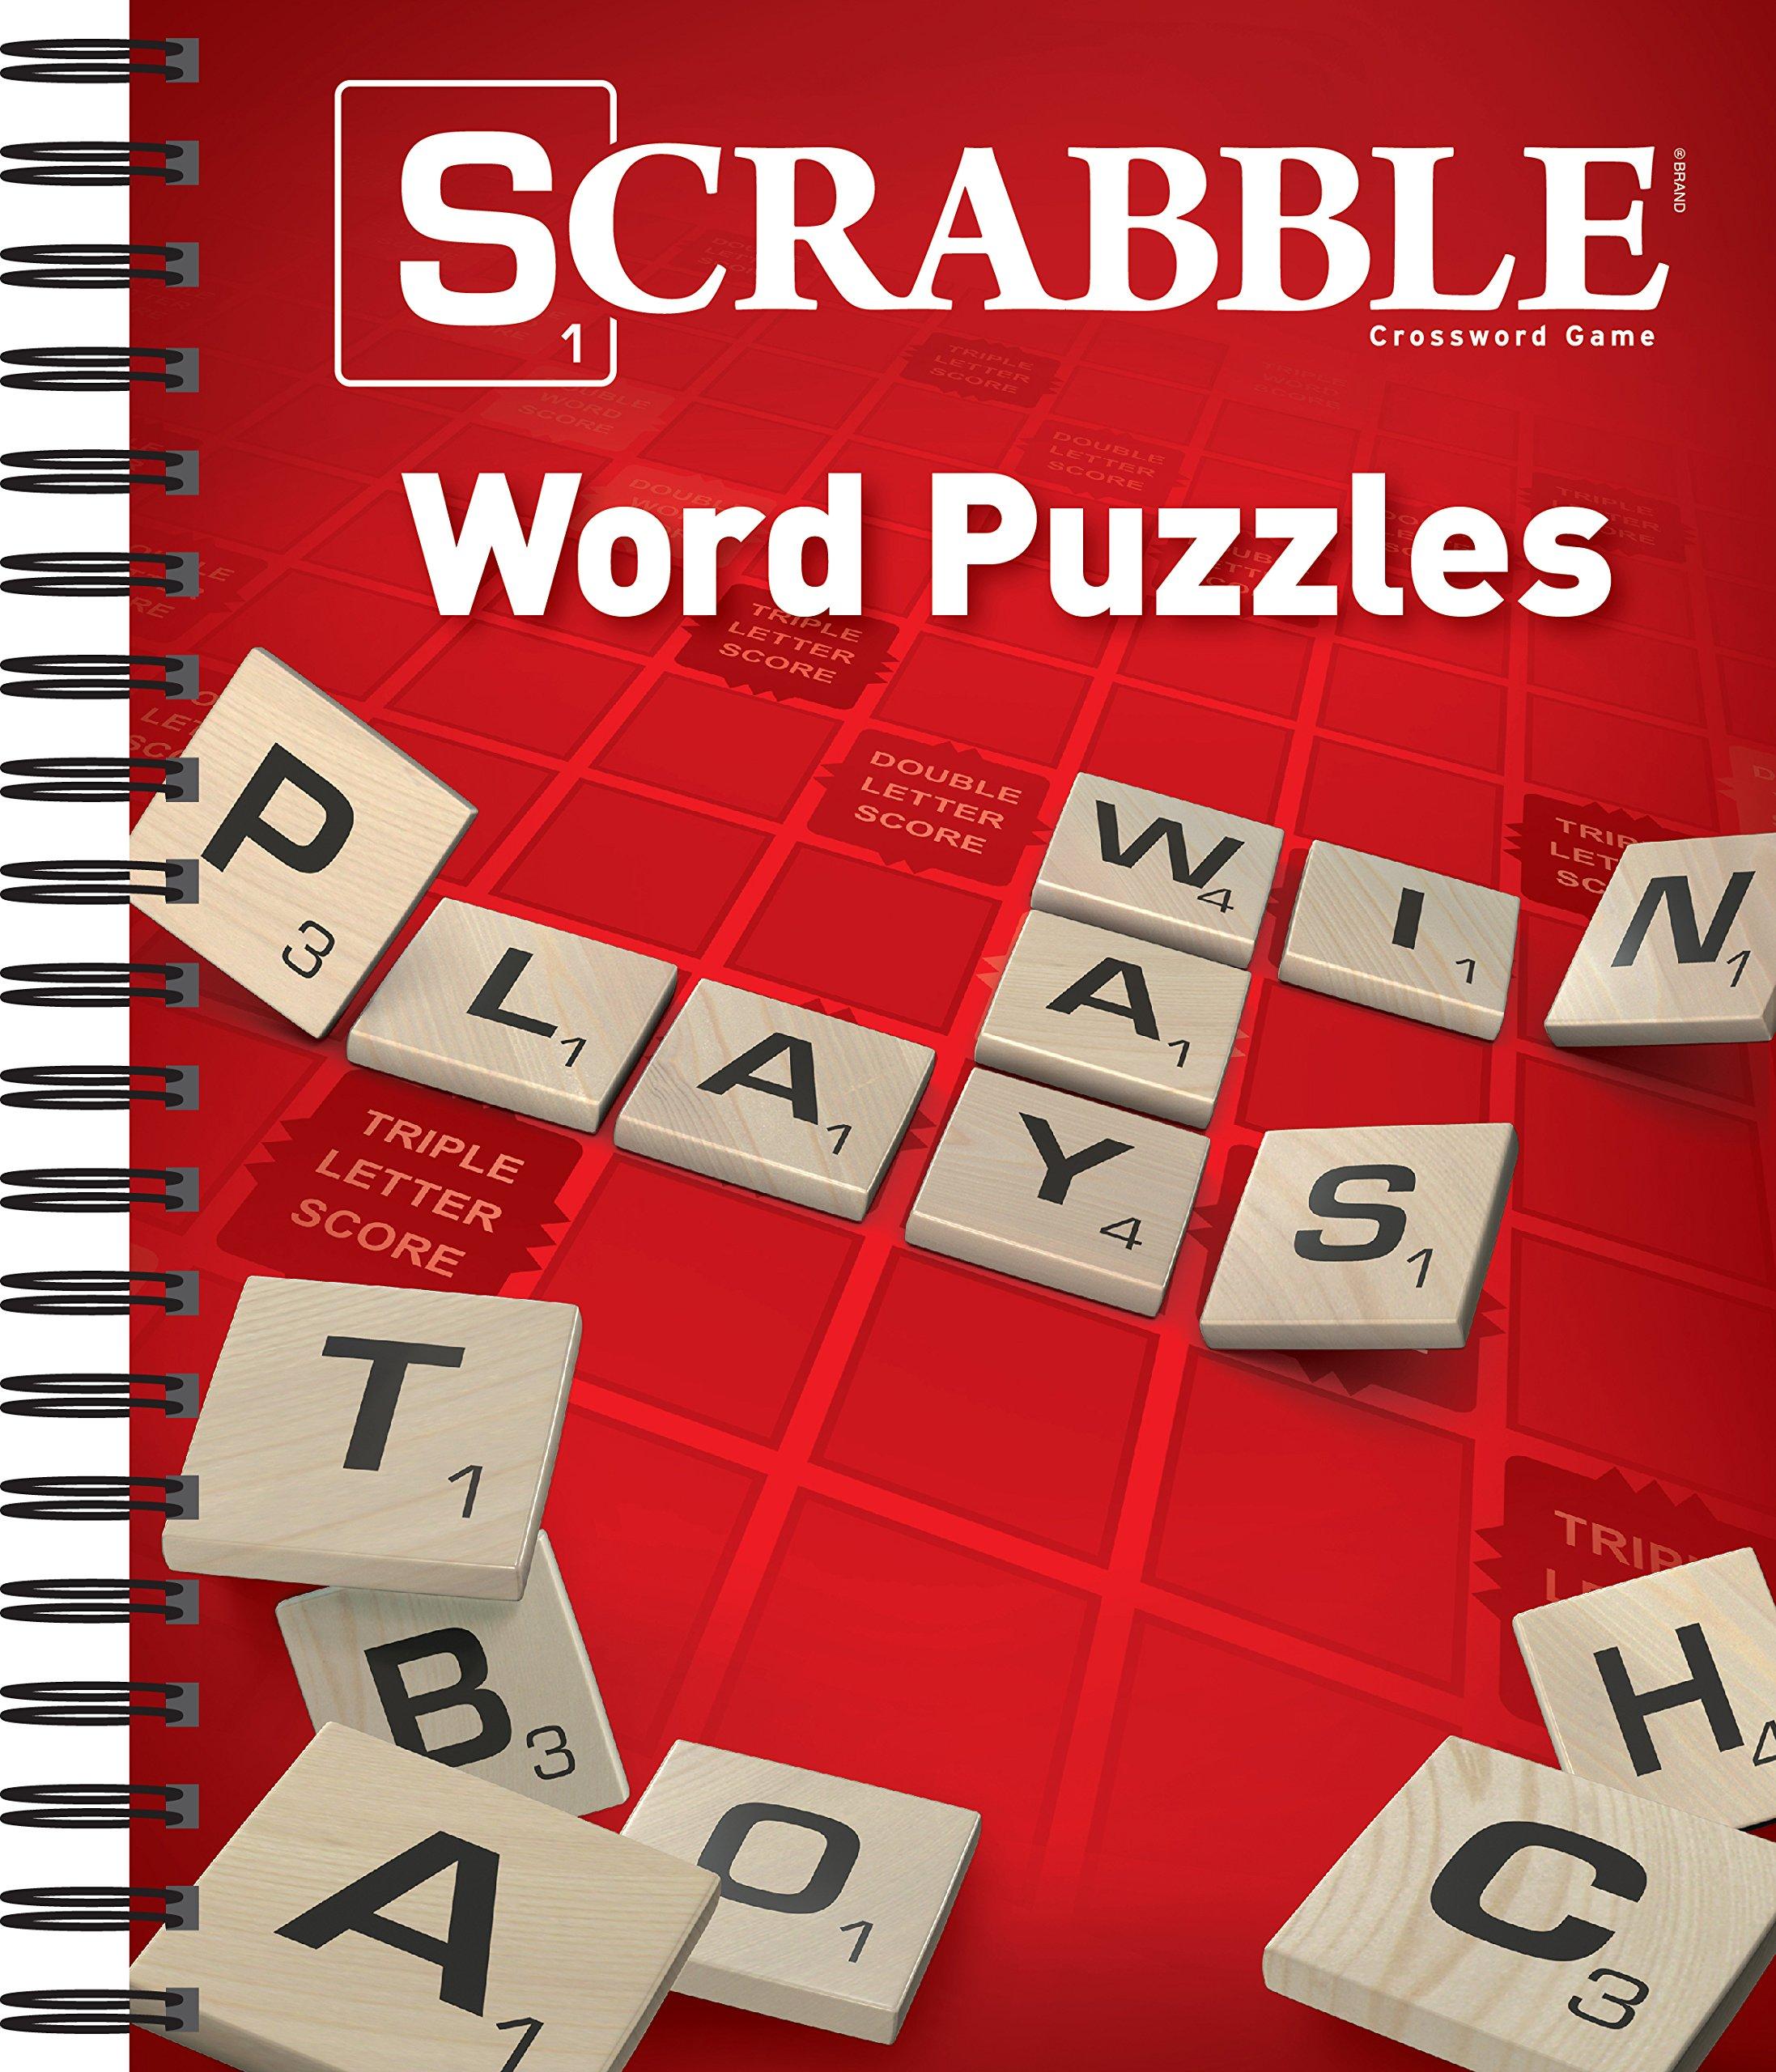 Scrabble Word Puzzles: Amazon.es: Publications International, Ltd: Libros en idiomas extranjeros